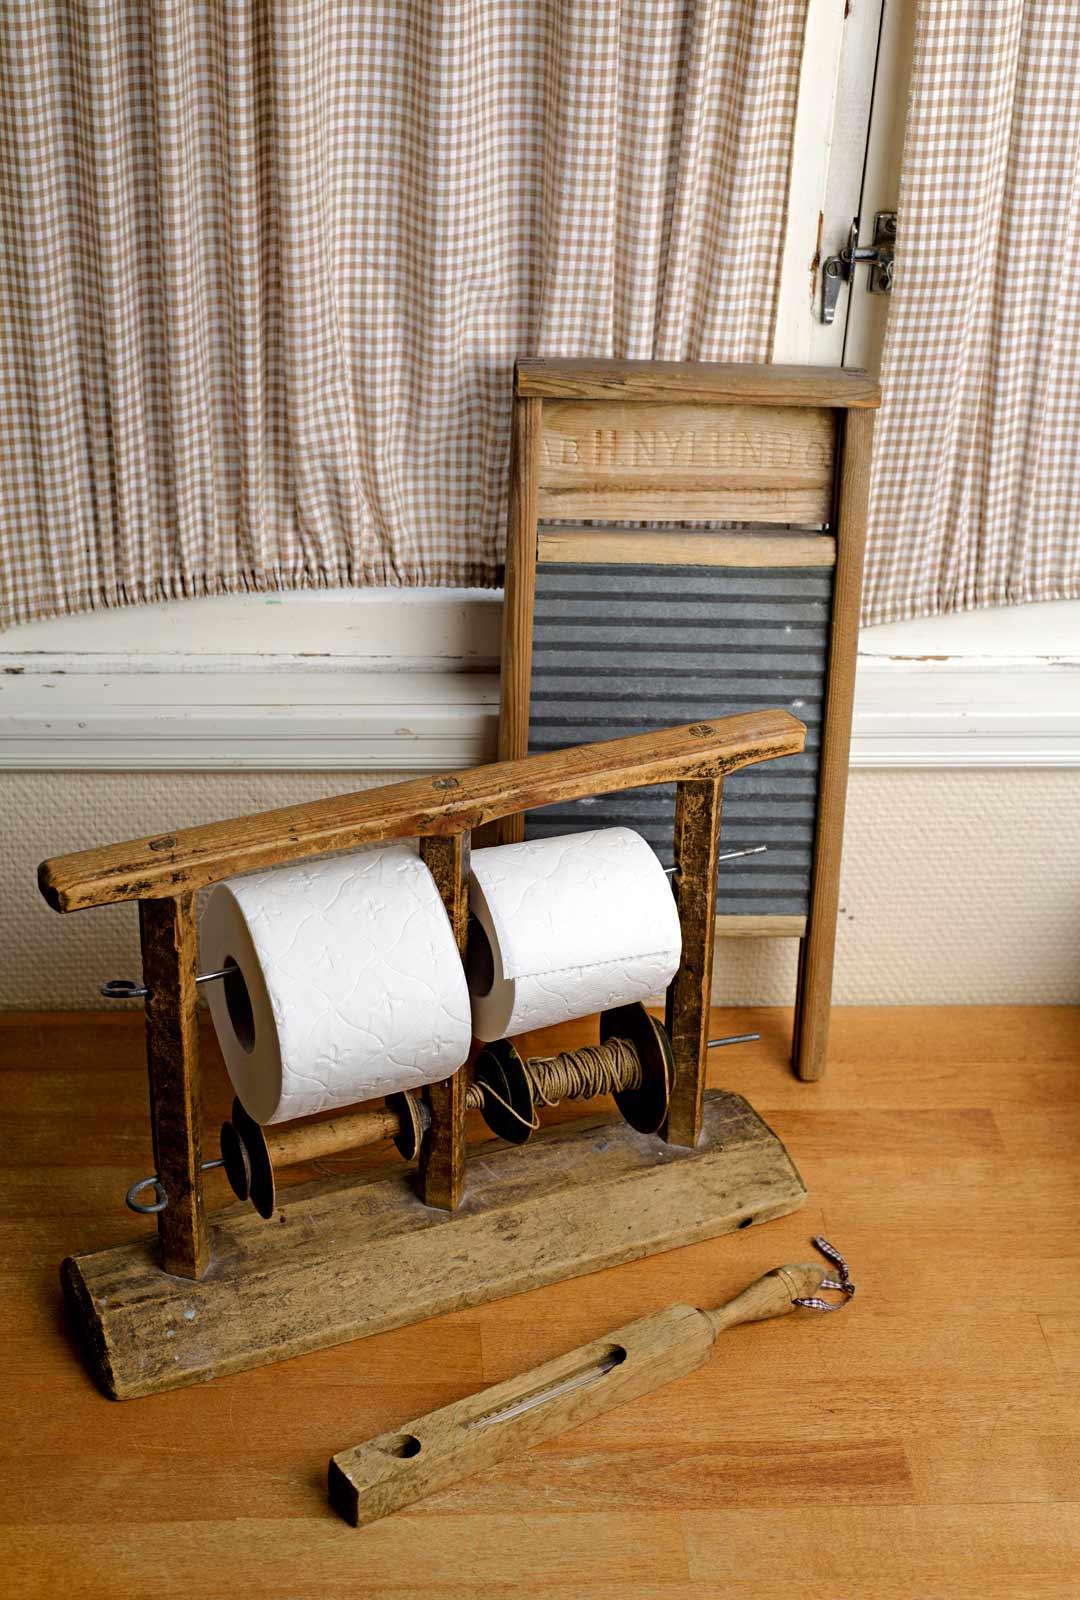 Vanha lankateline sopii hyvin myös vessapaperirullien säilytykseen.